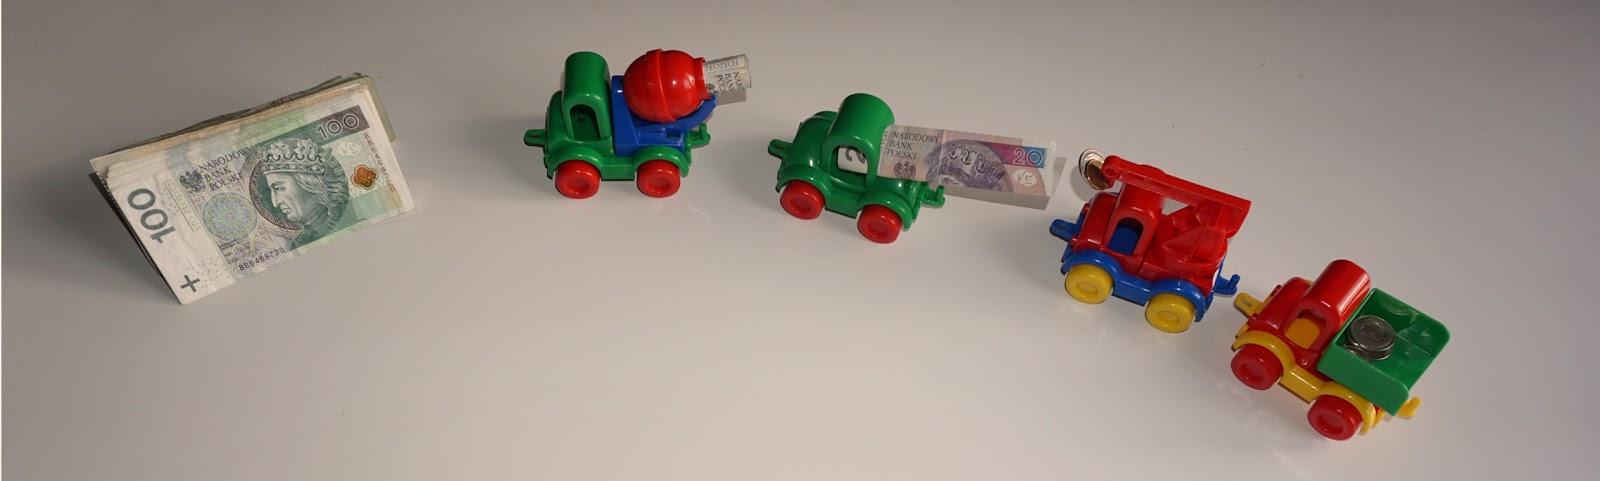 bf17c05dc26dc7 Sprzedaż samochodu firmowego - Zasady ogólne | o działalności gospodarczej  w Polsce